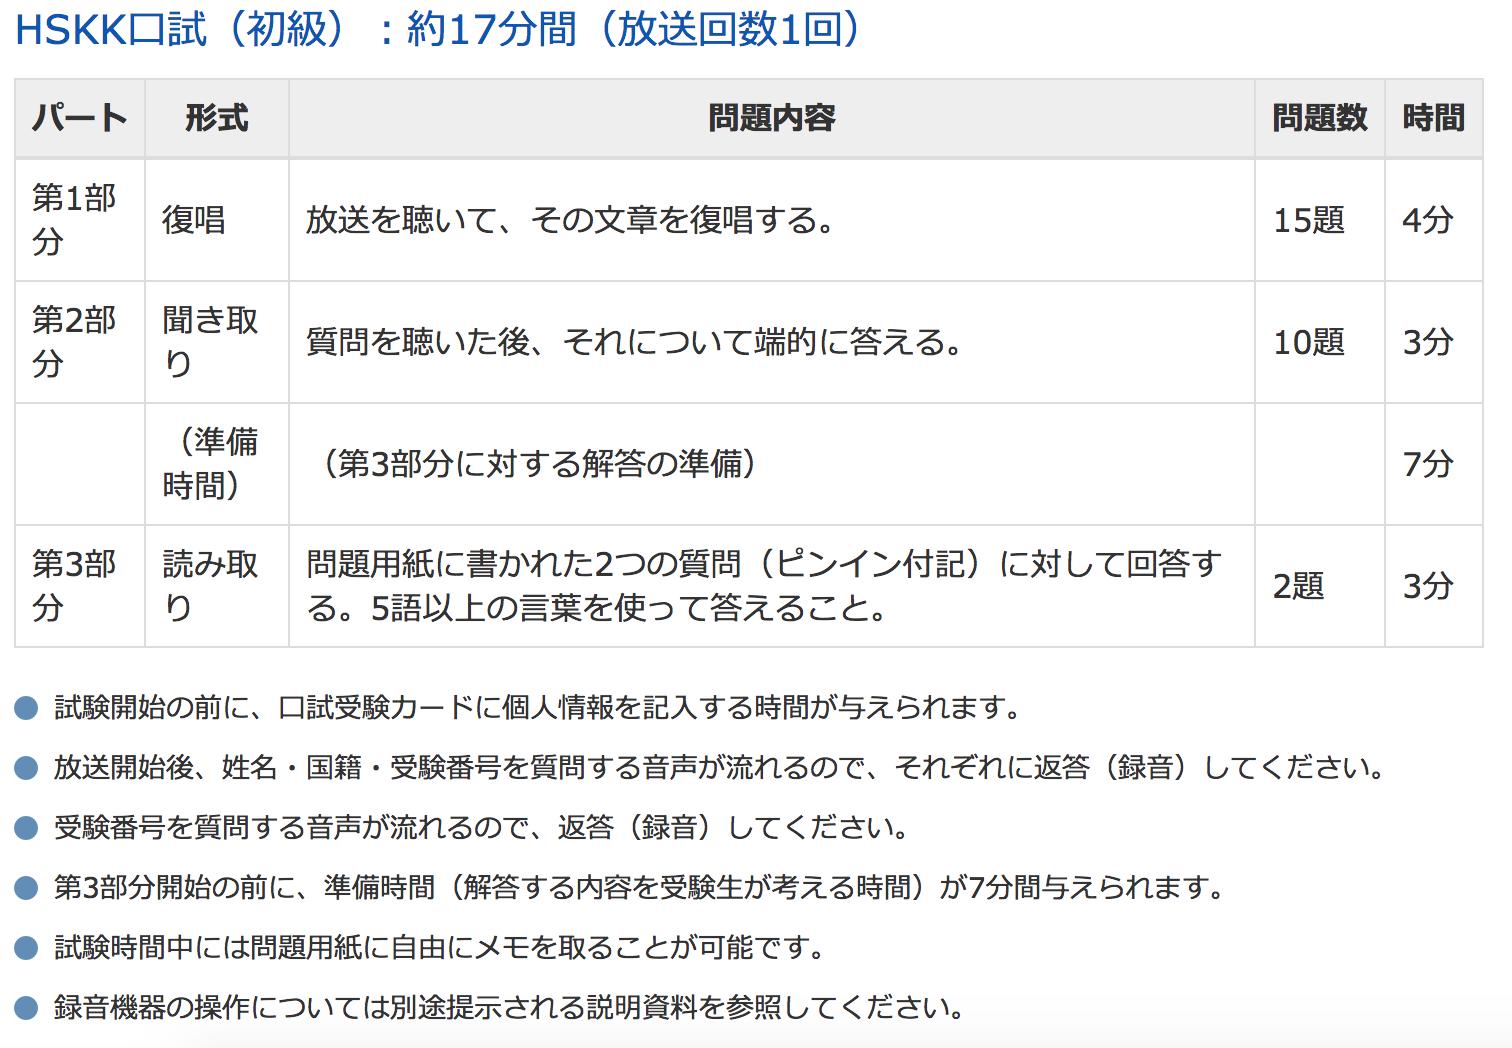 HSK口試(HSKK)初級試験内容